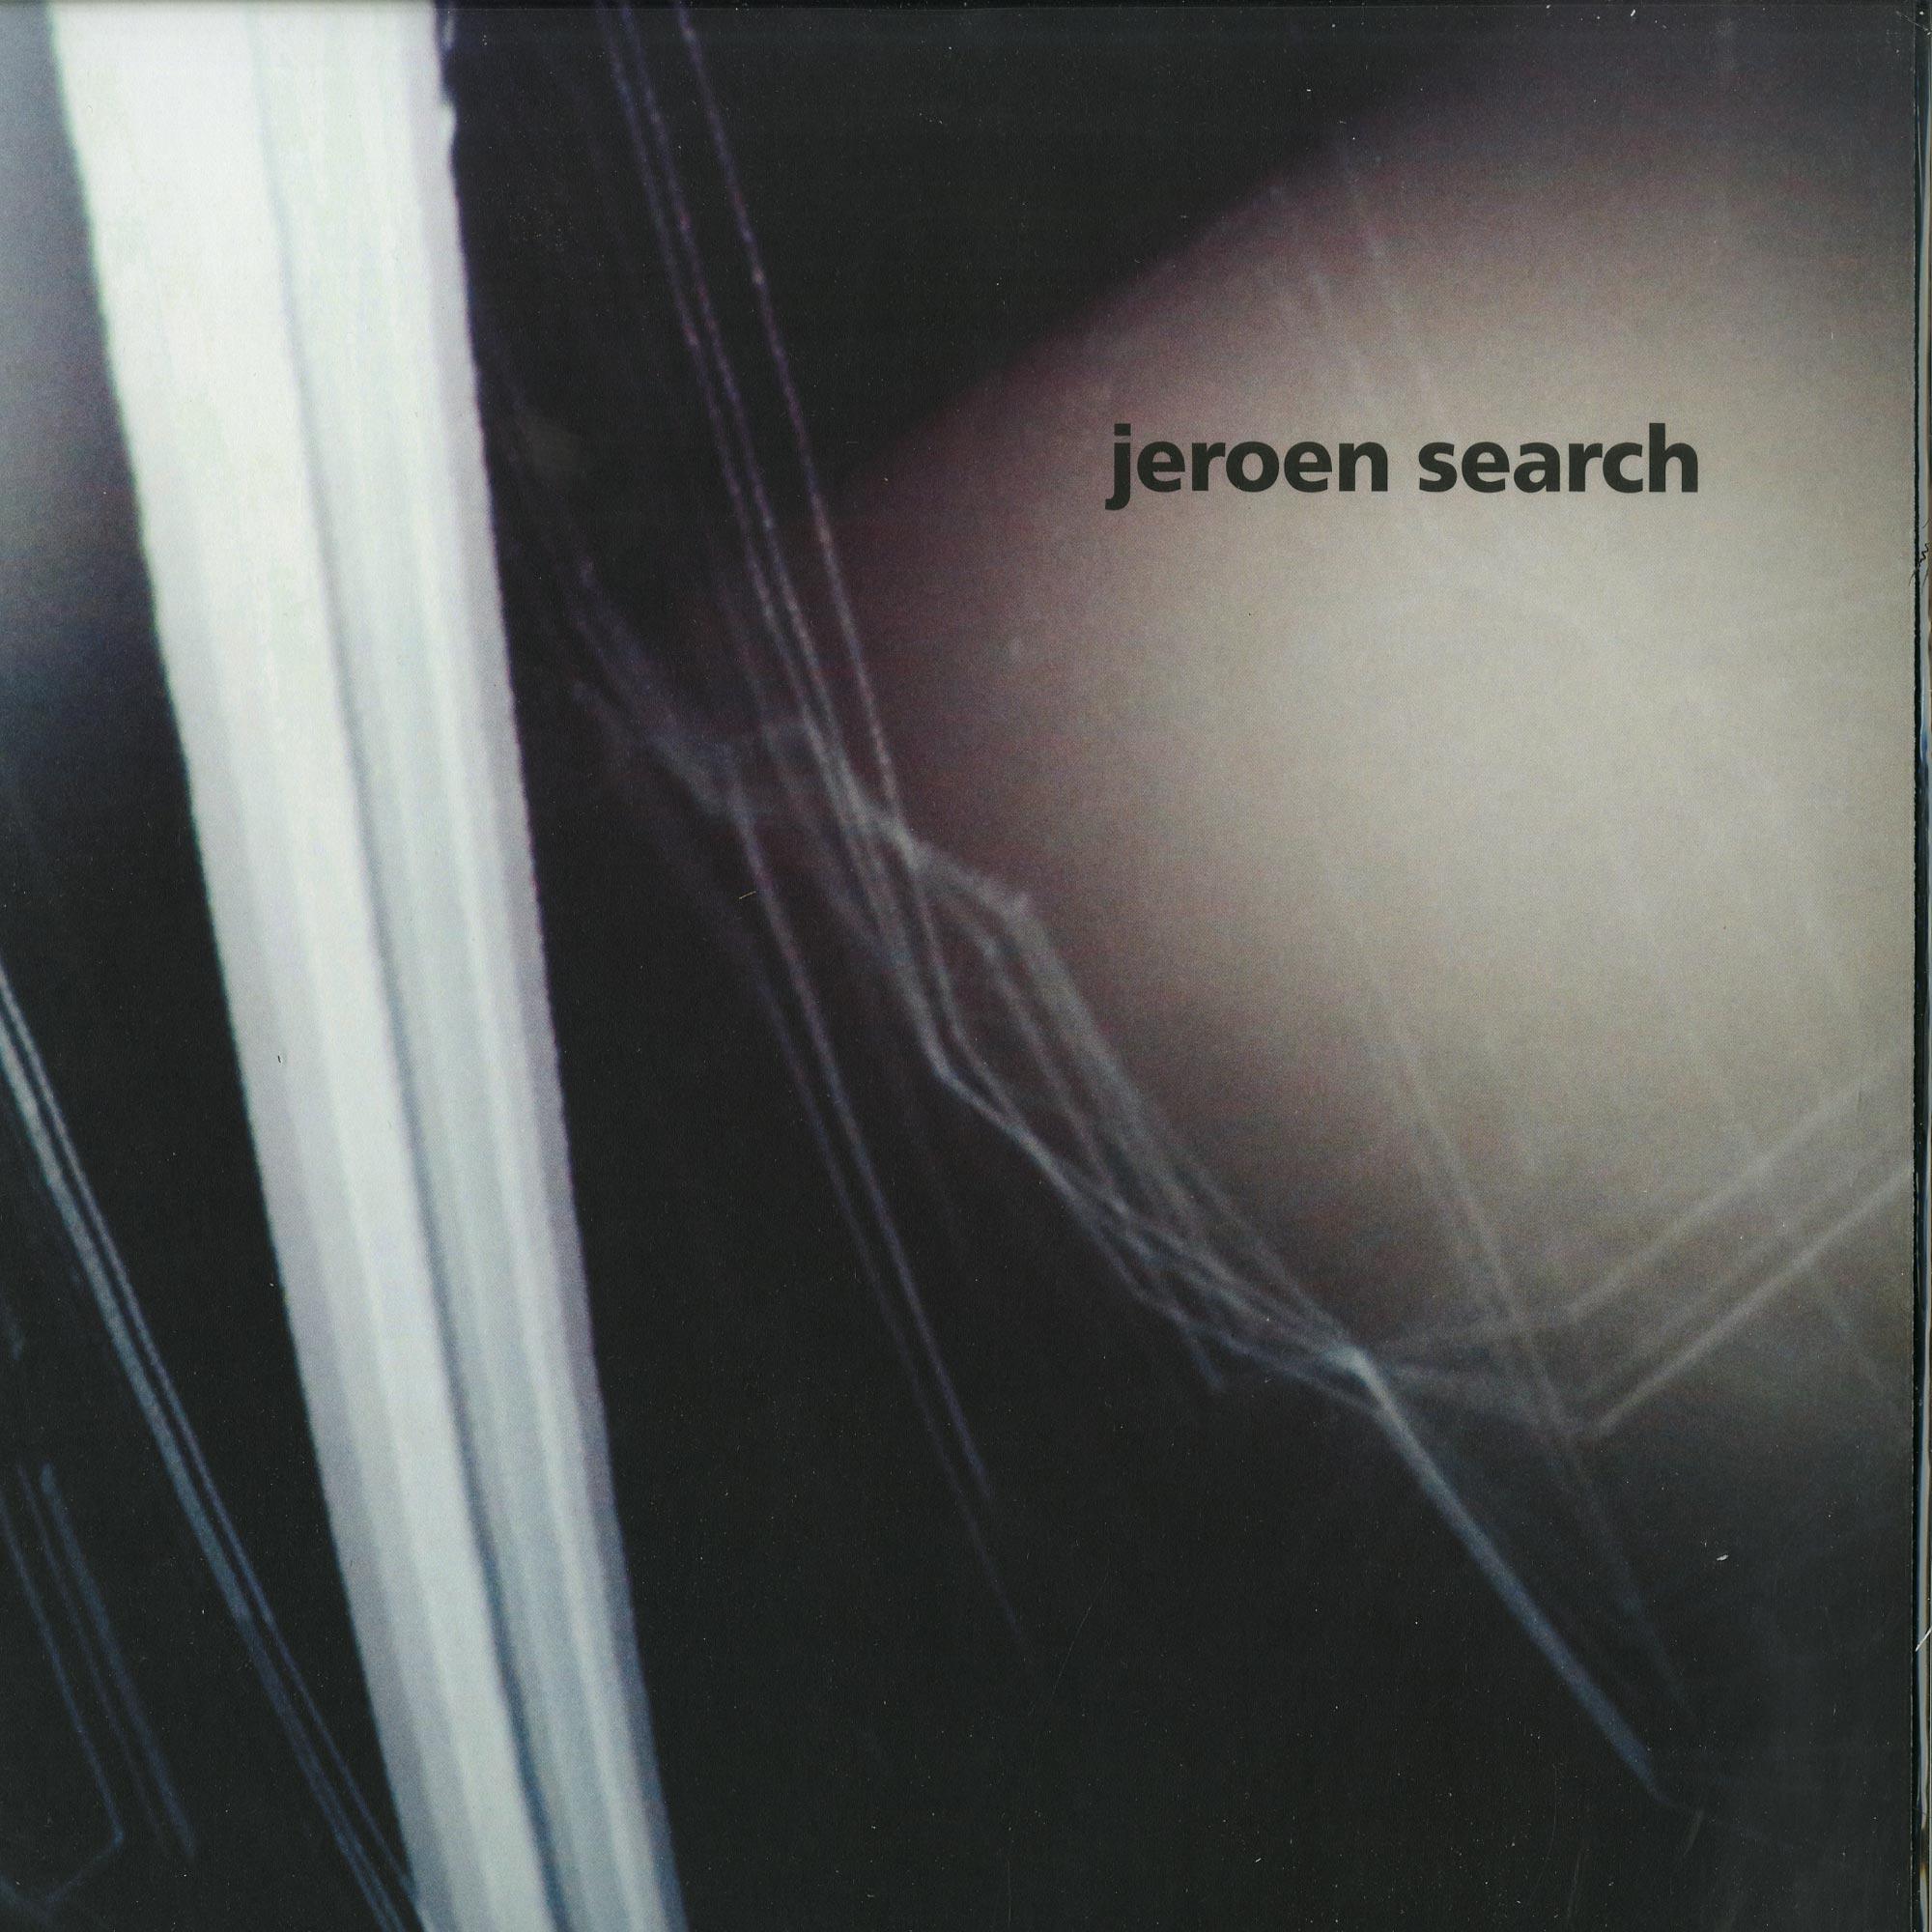 Jeroen Search - ENDLESS CIRCLES